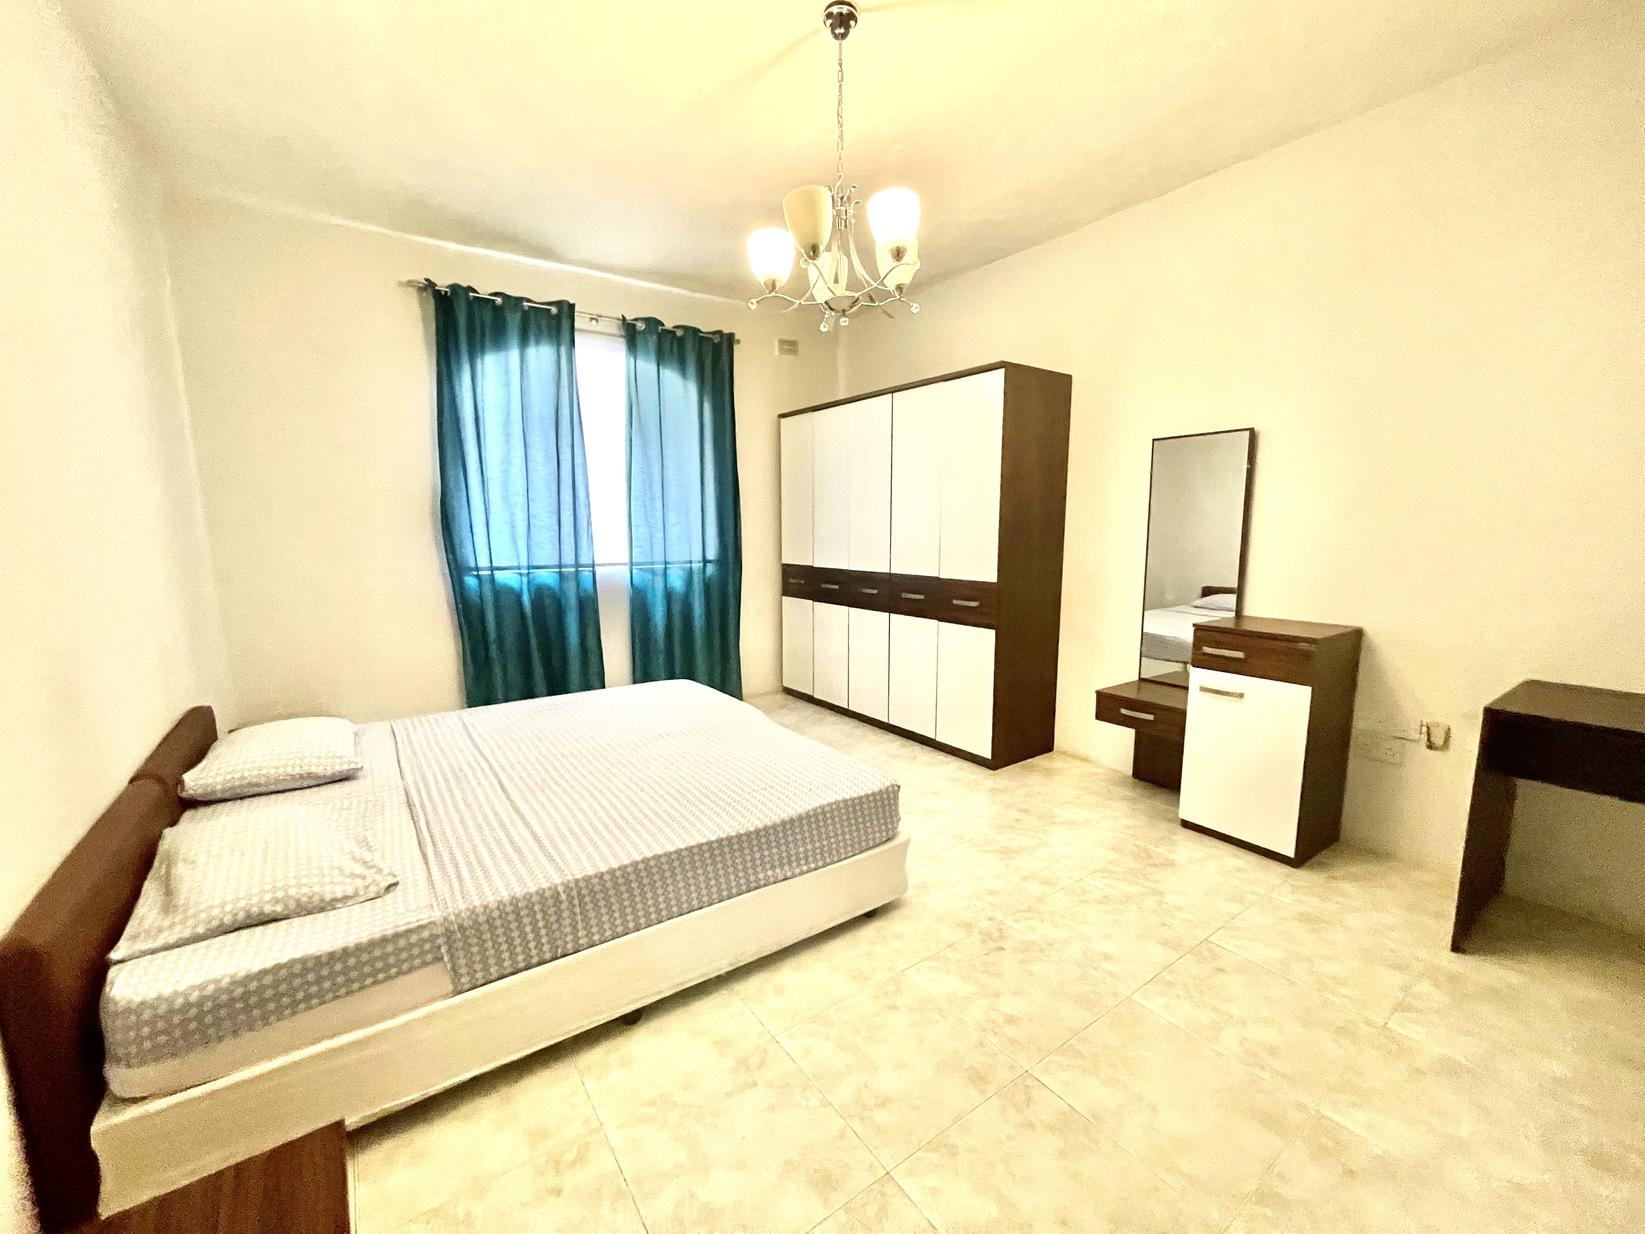 4 bed Maisonette For Rent in Gzira, Gzira - thumb 7